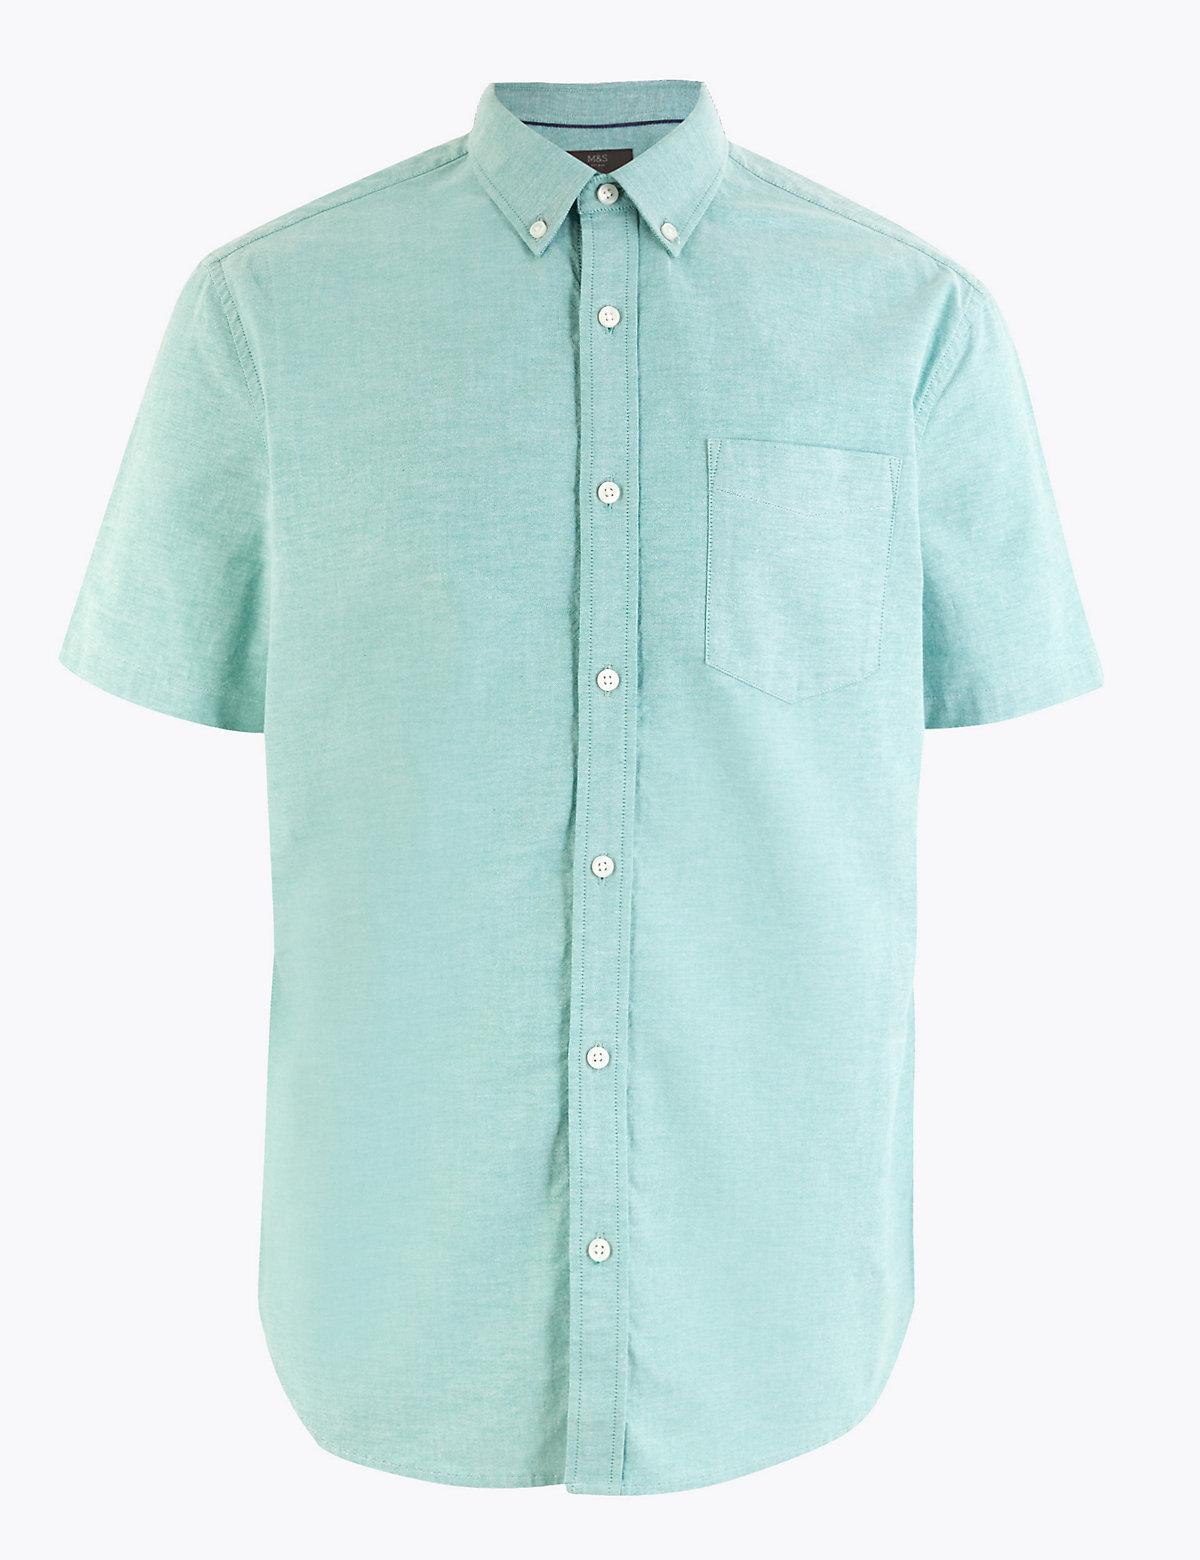 Хлопковая рубашка оксфорд с коротким рукавом